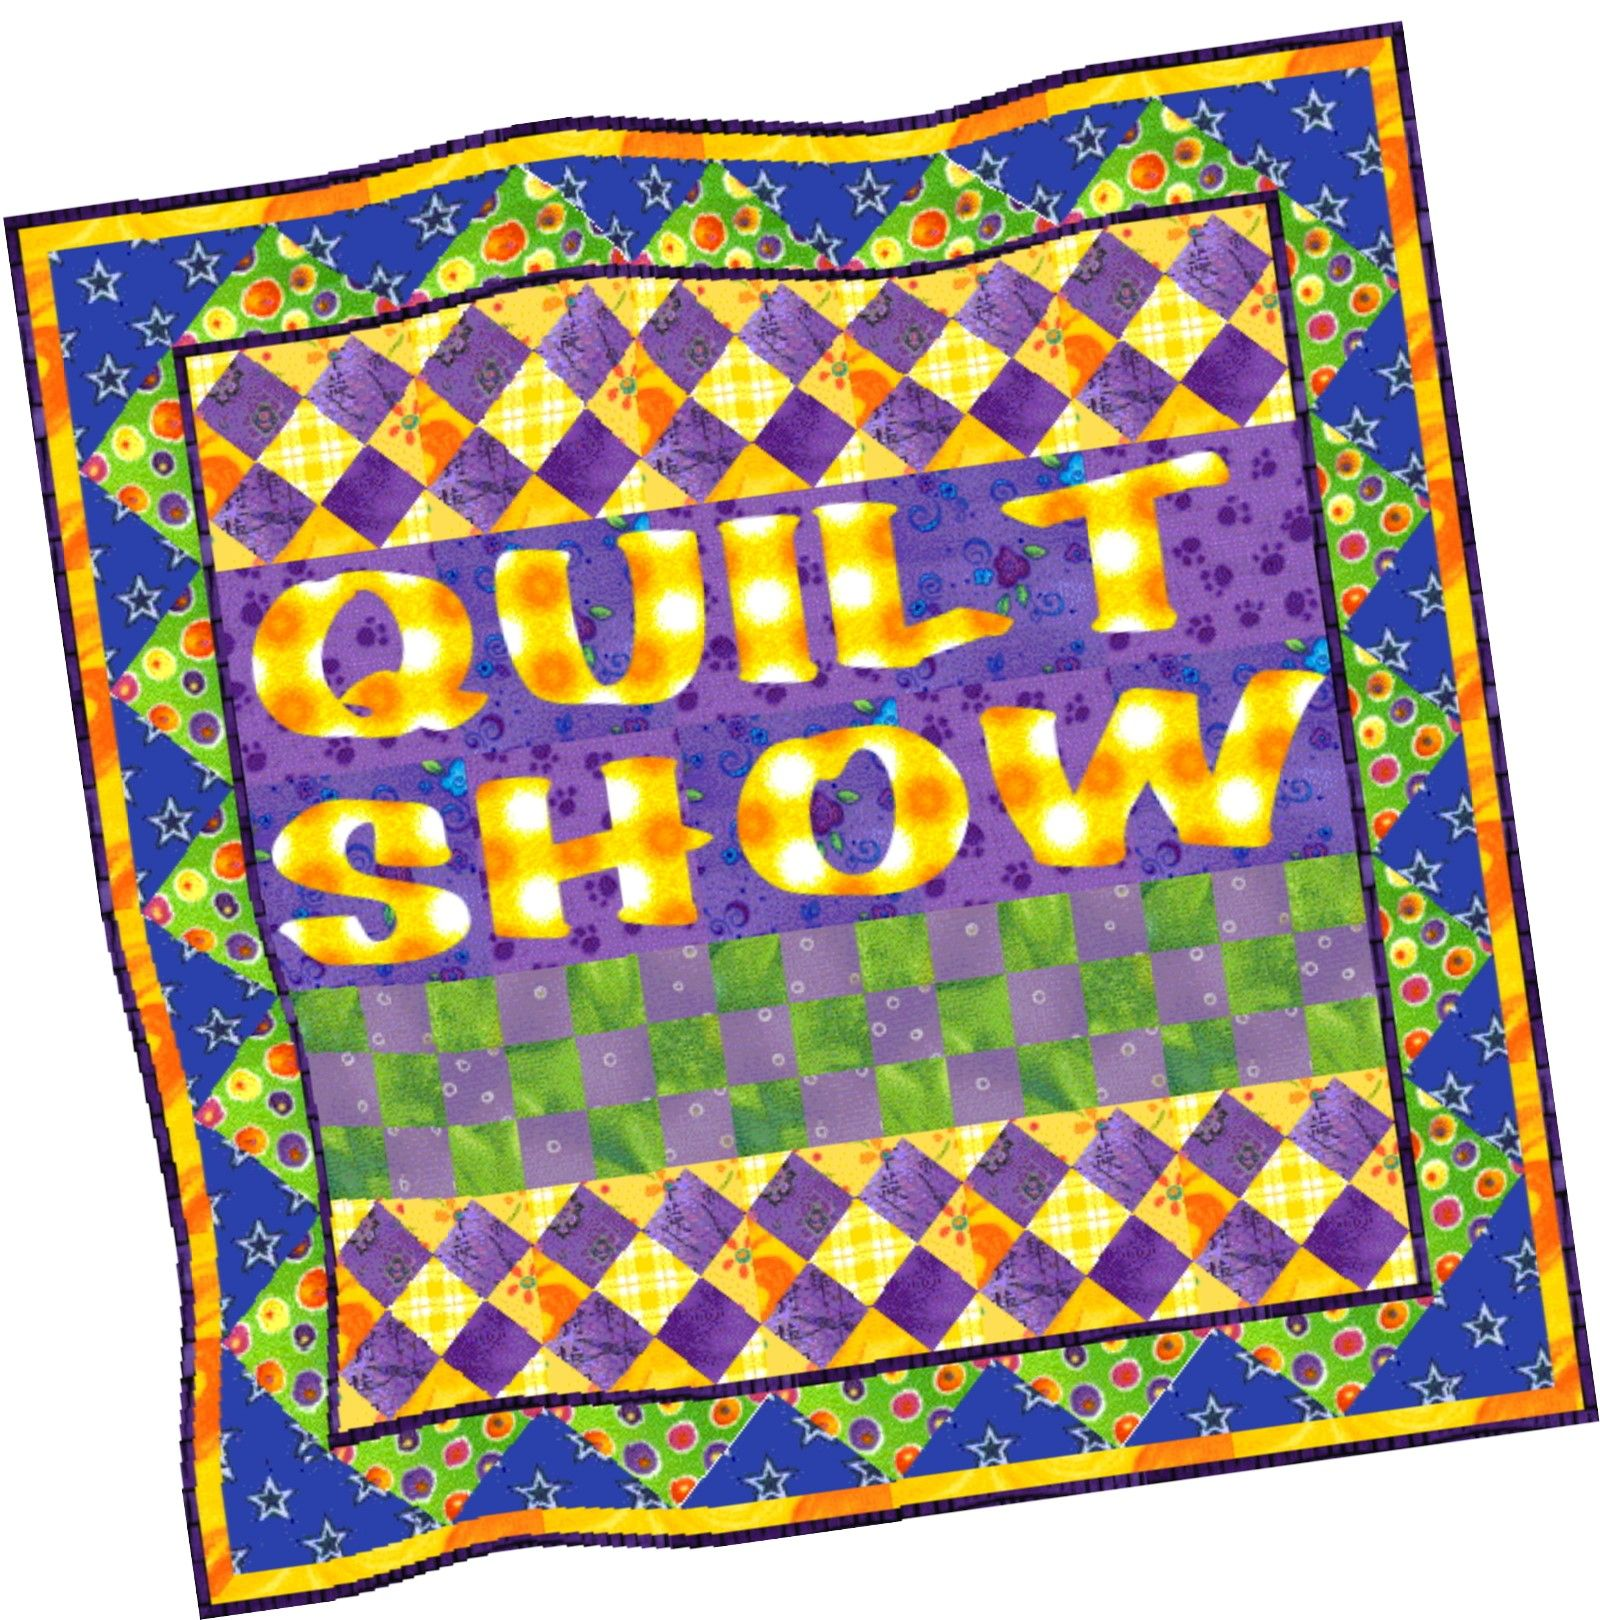 Chandler Quilt Show & Bazaar